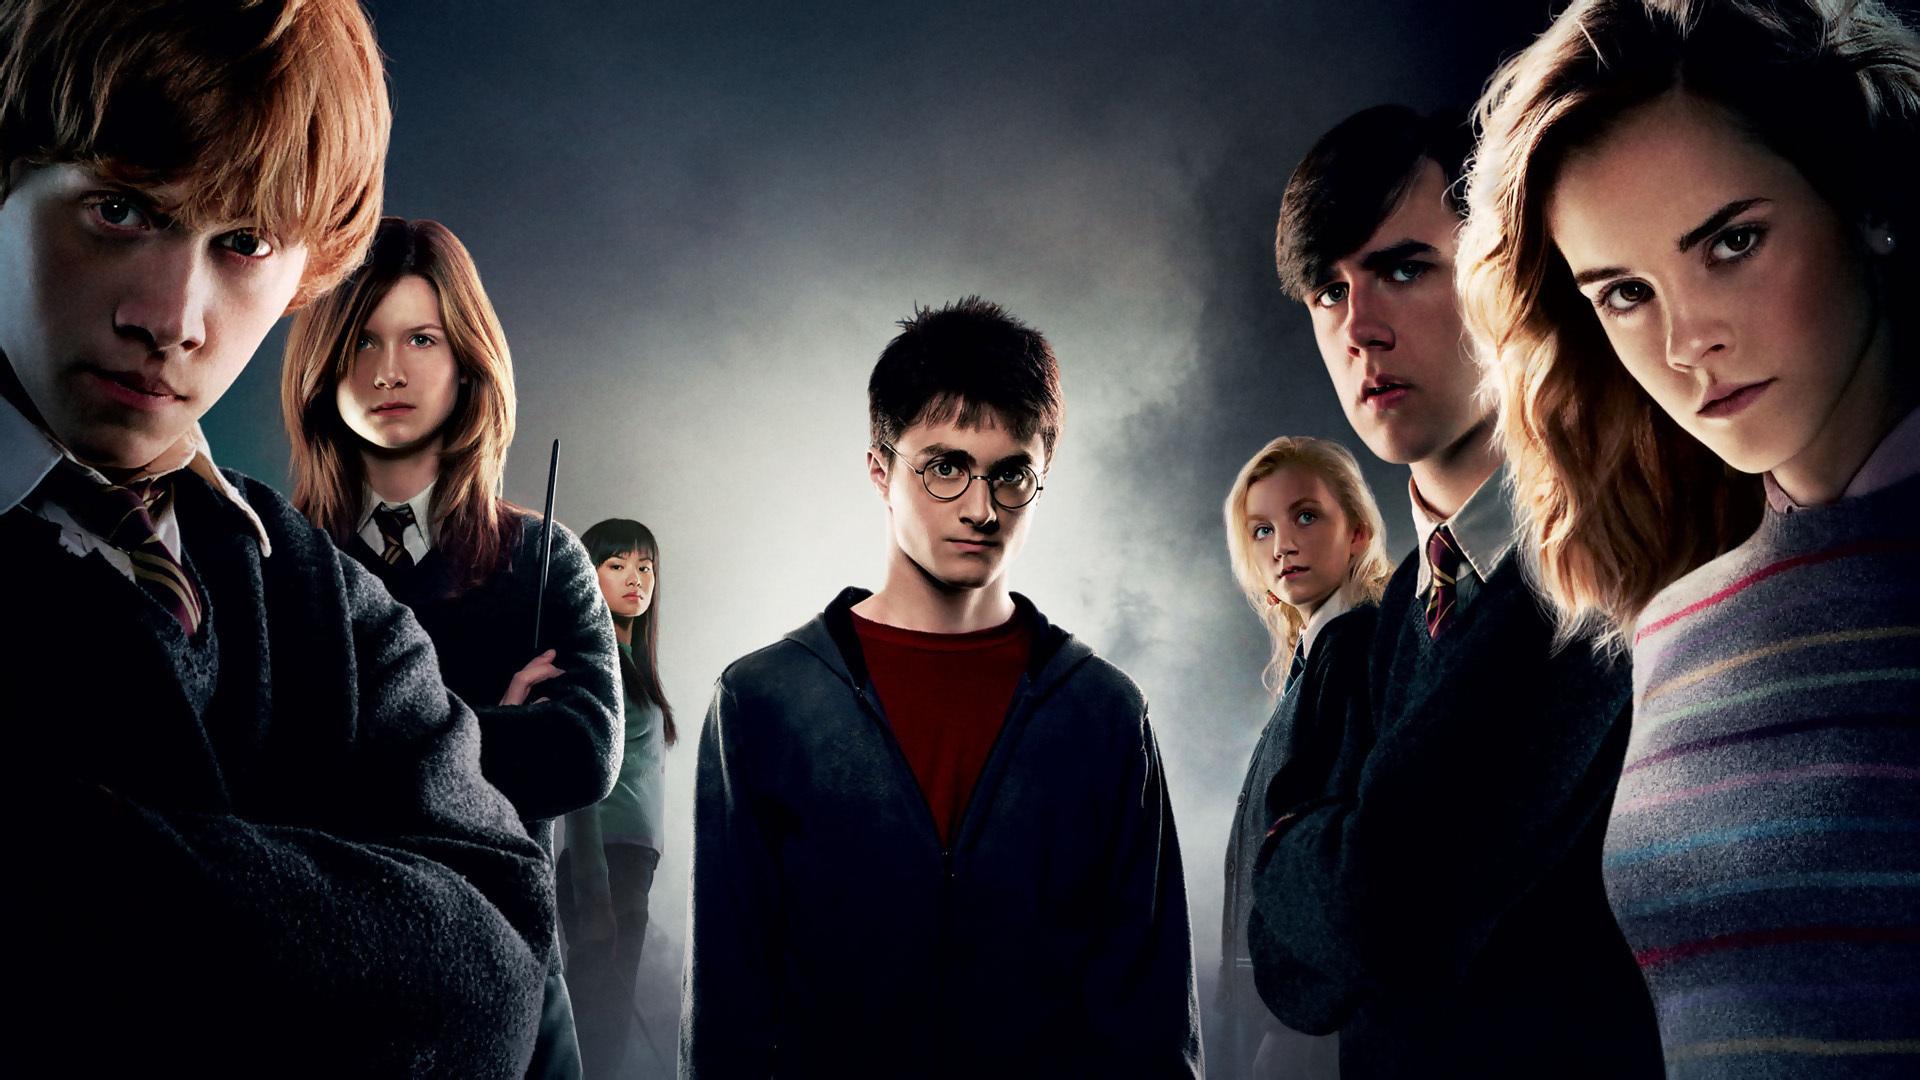 Картинка для Как к тебе будут относиться персонажи Гарри Поттера?